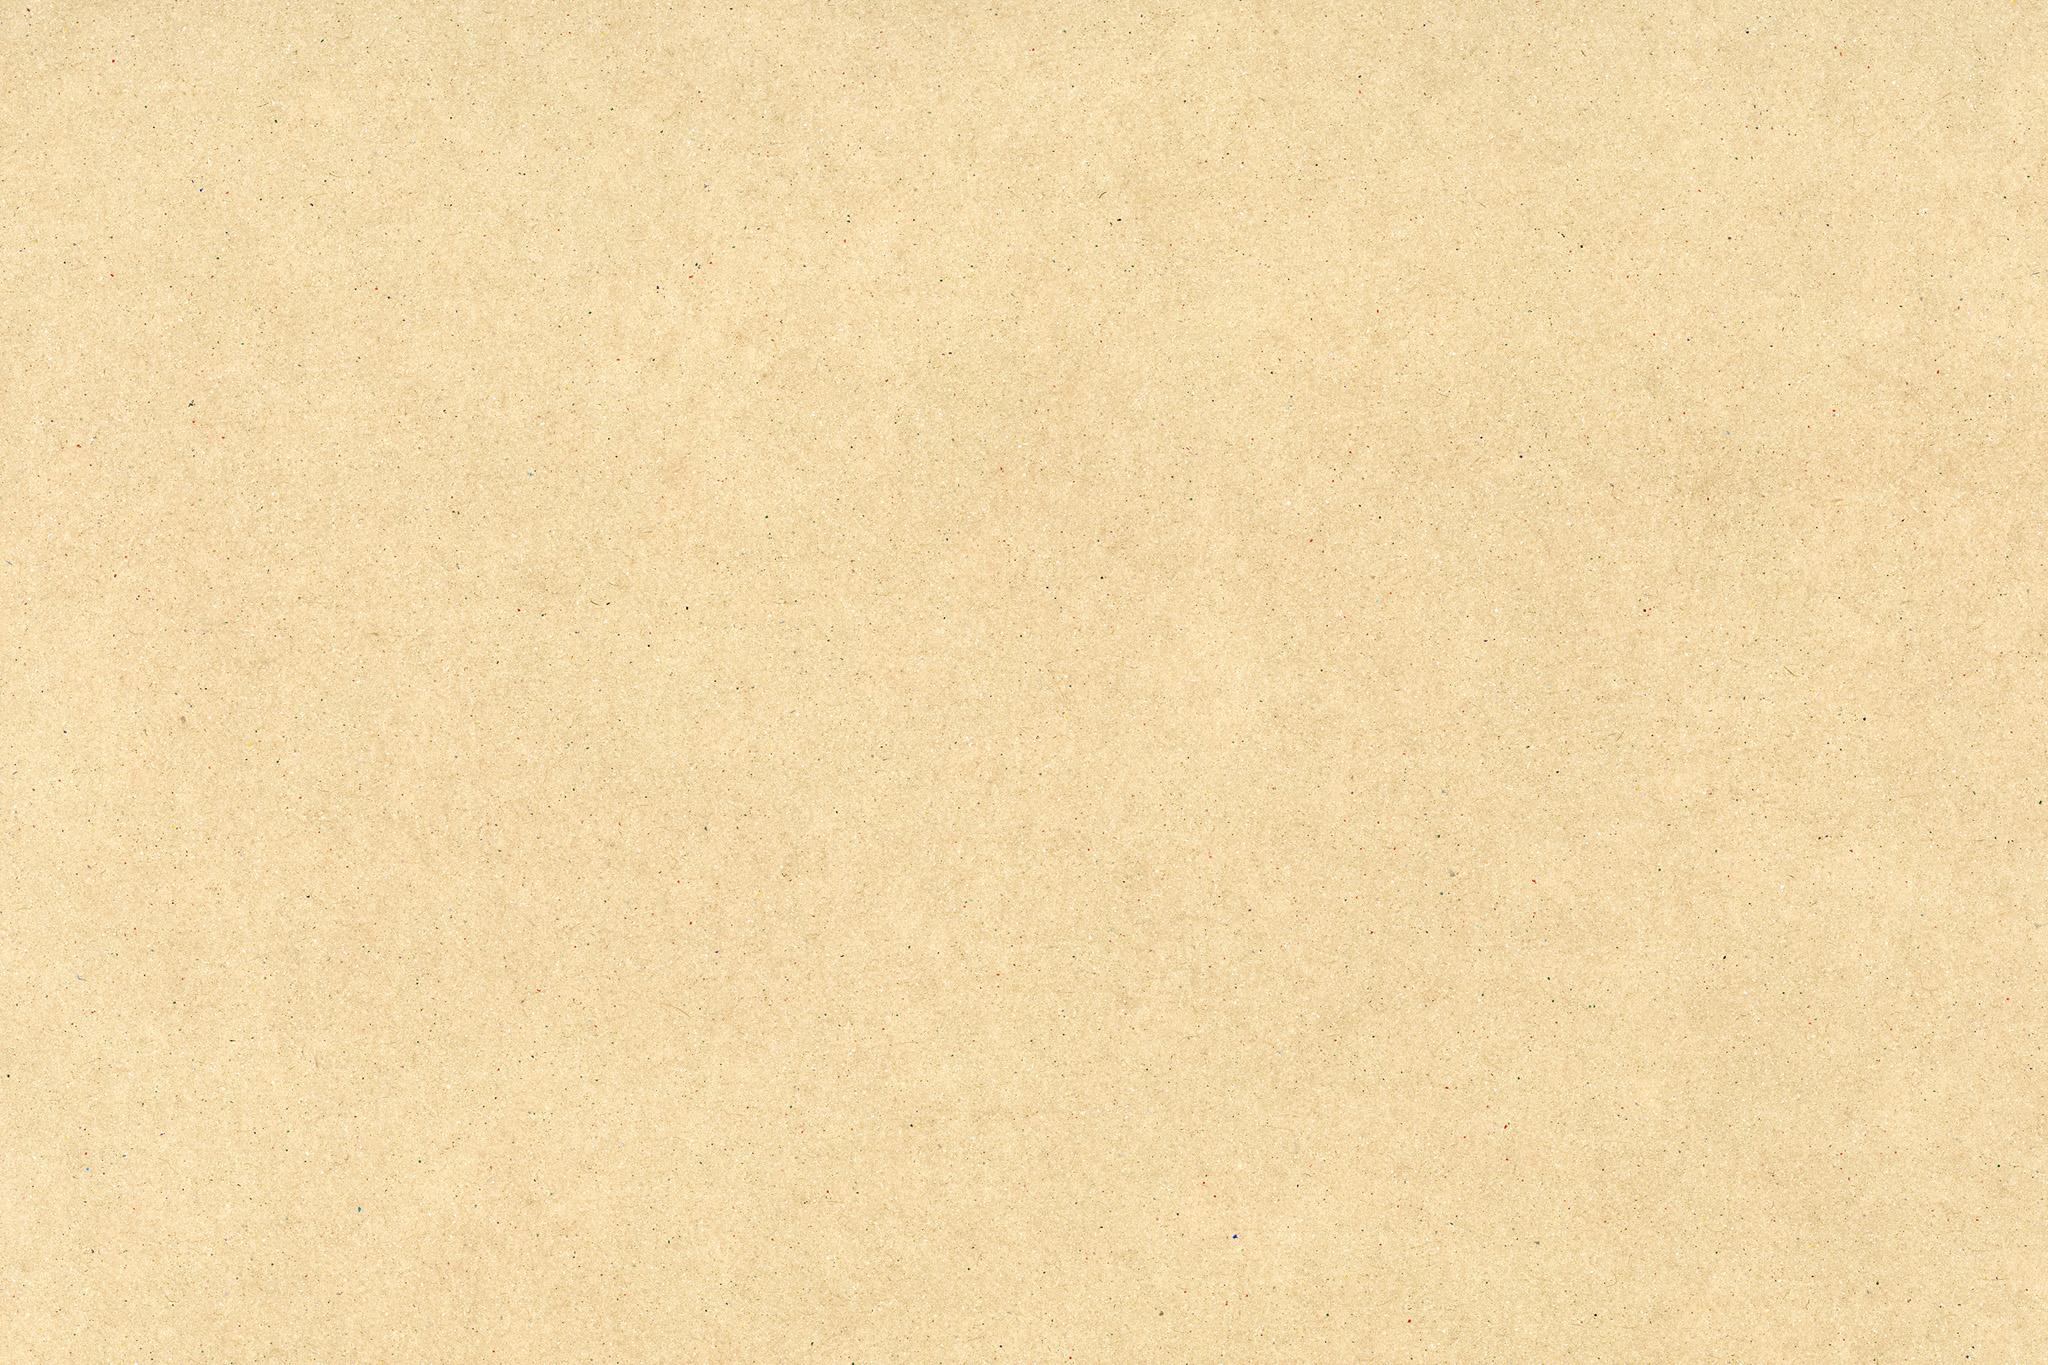 「繊維が見える薄茶色の紙」